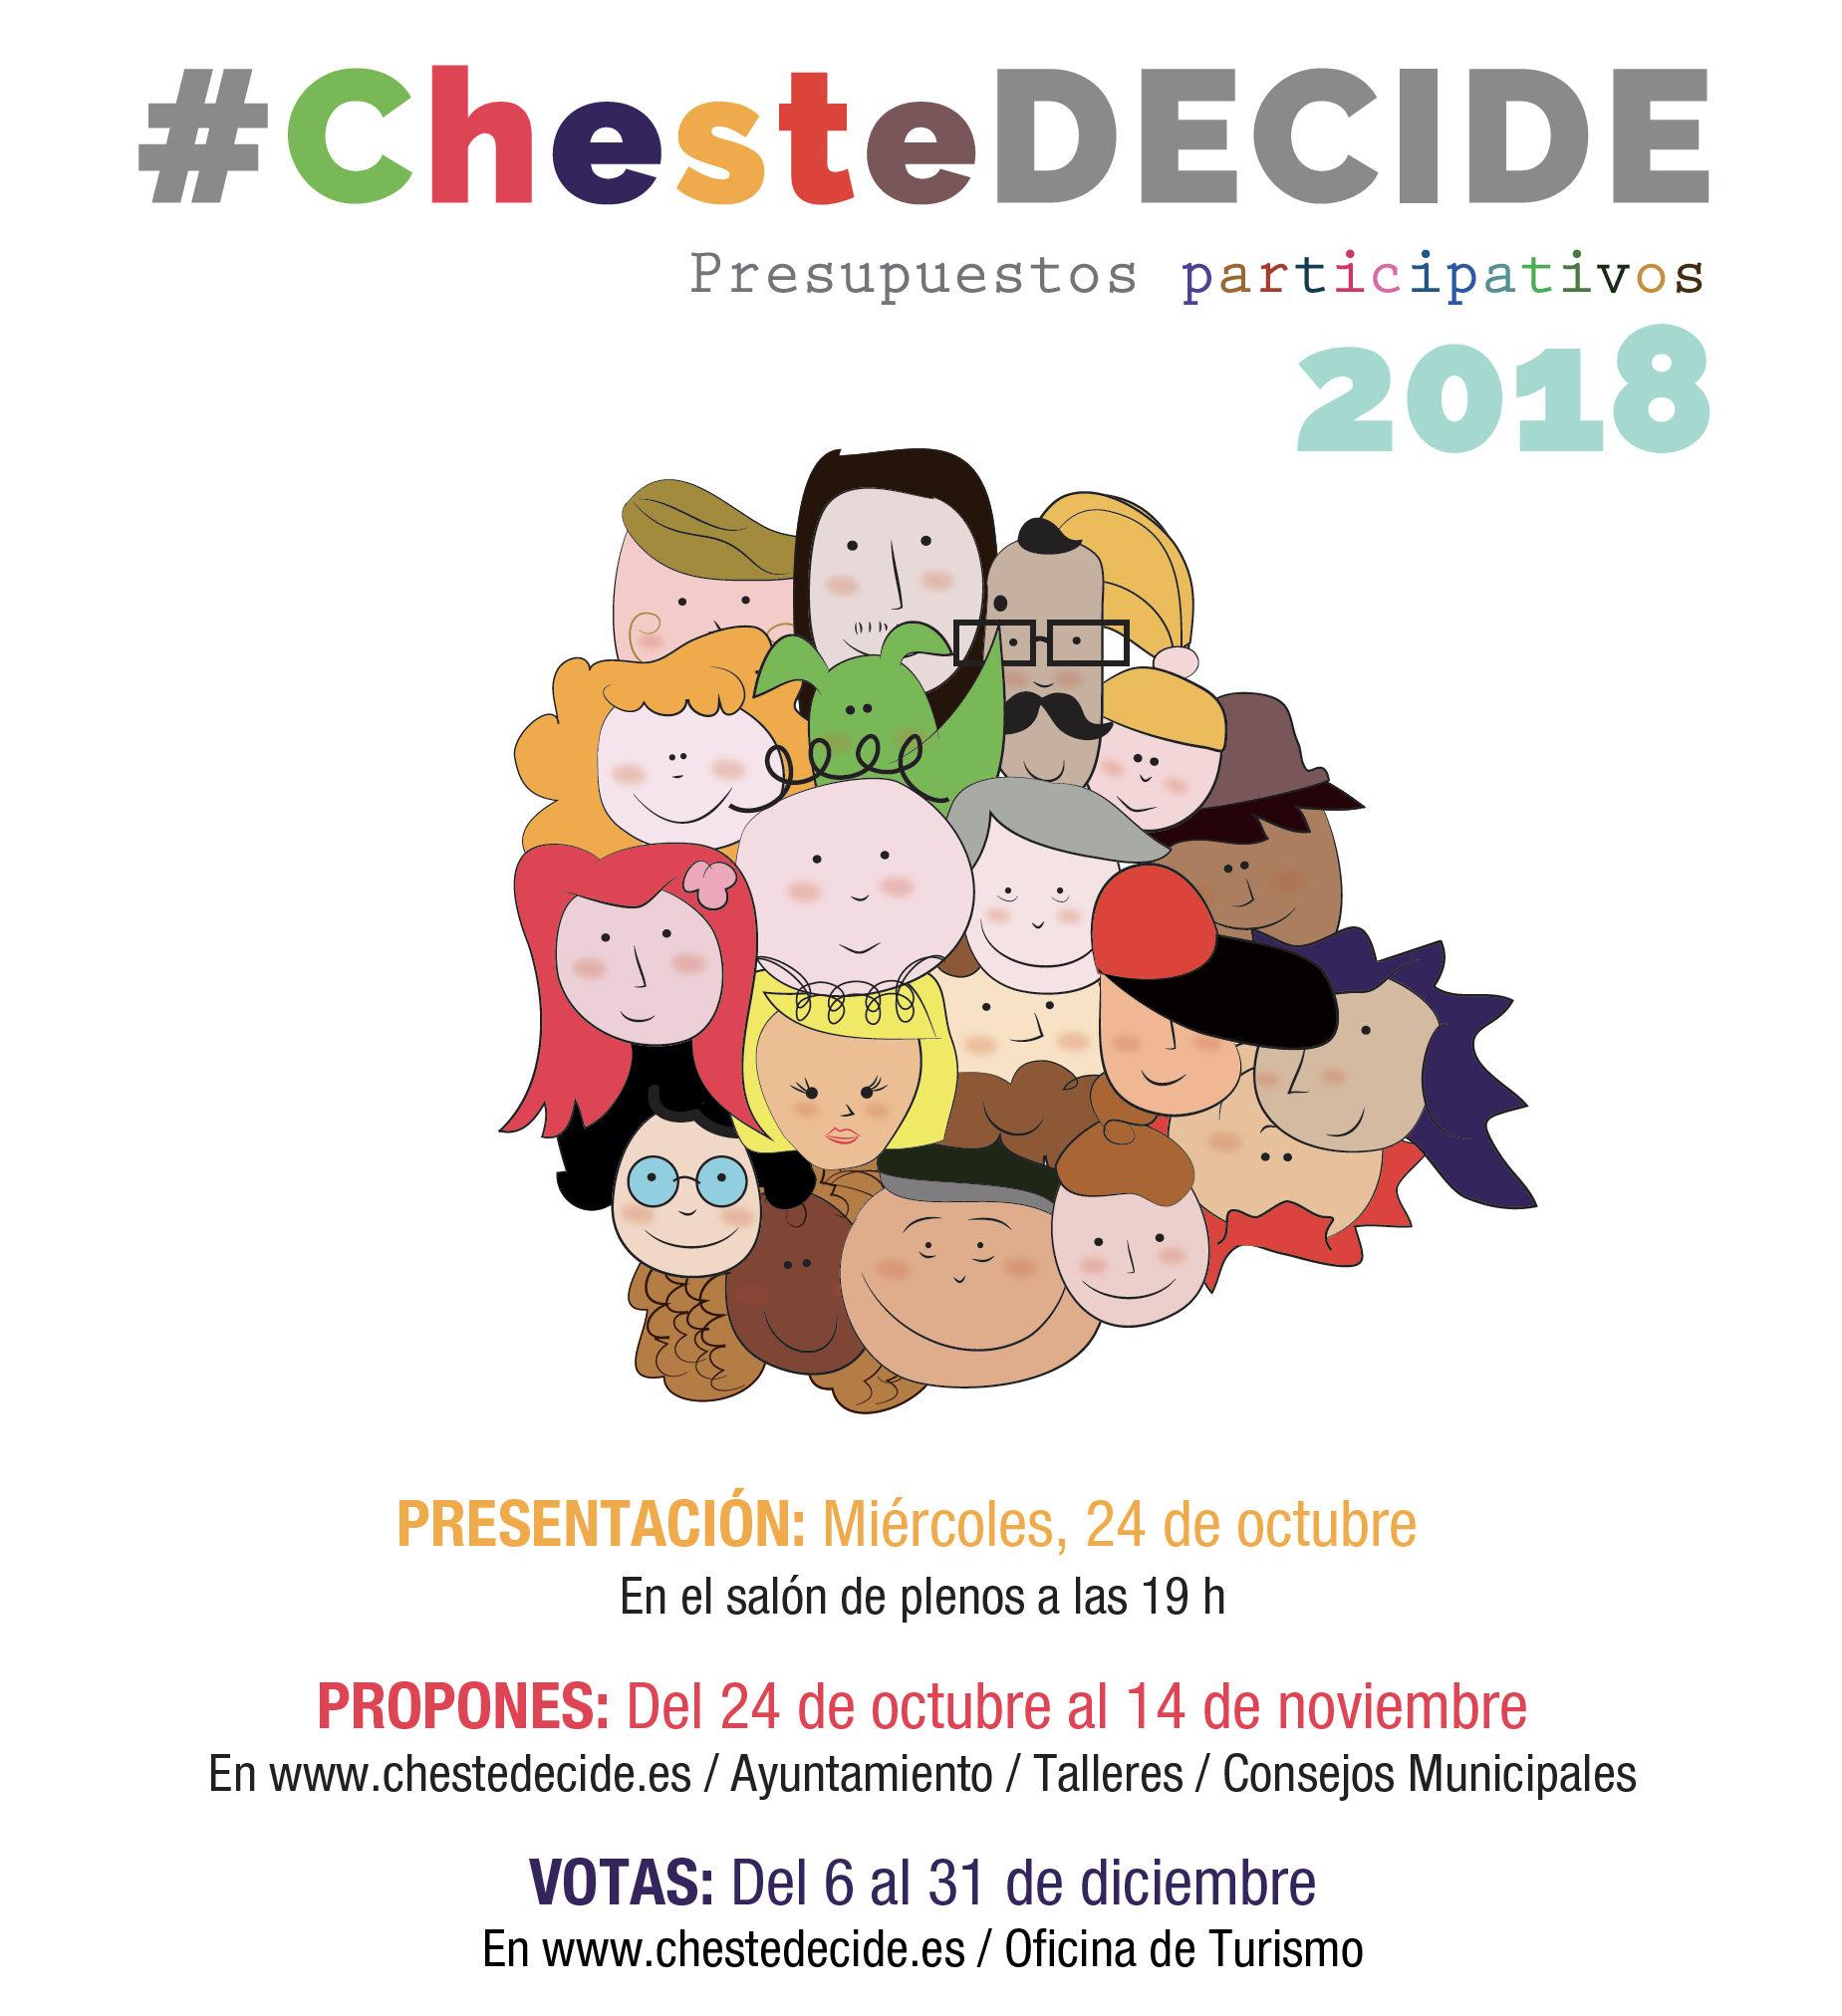 Segunda edición del proyecto de presupuestos participativos #ChesteDecide.